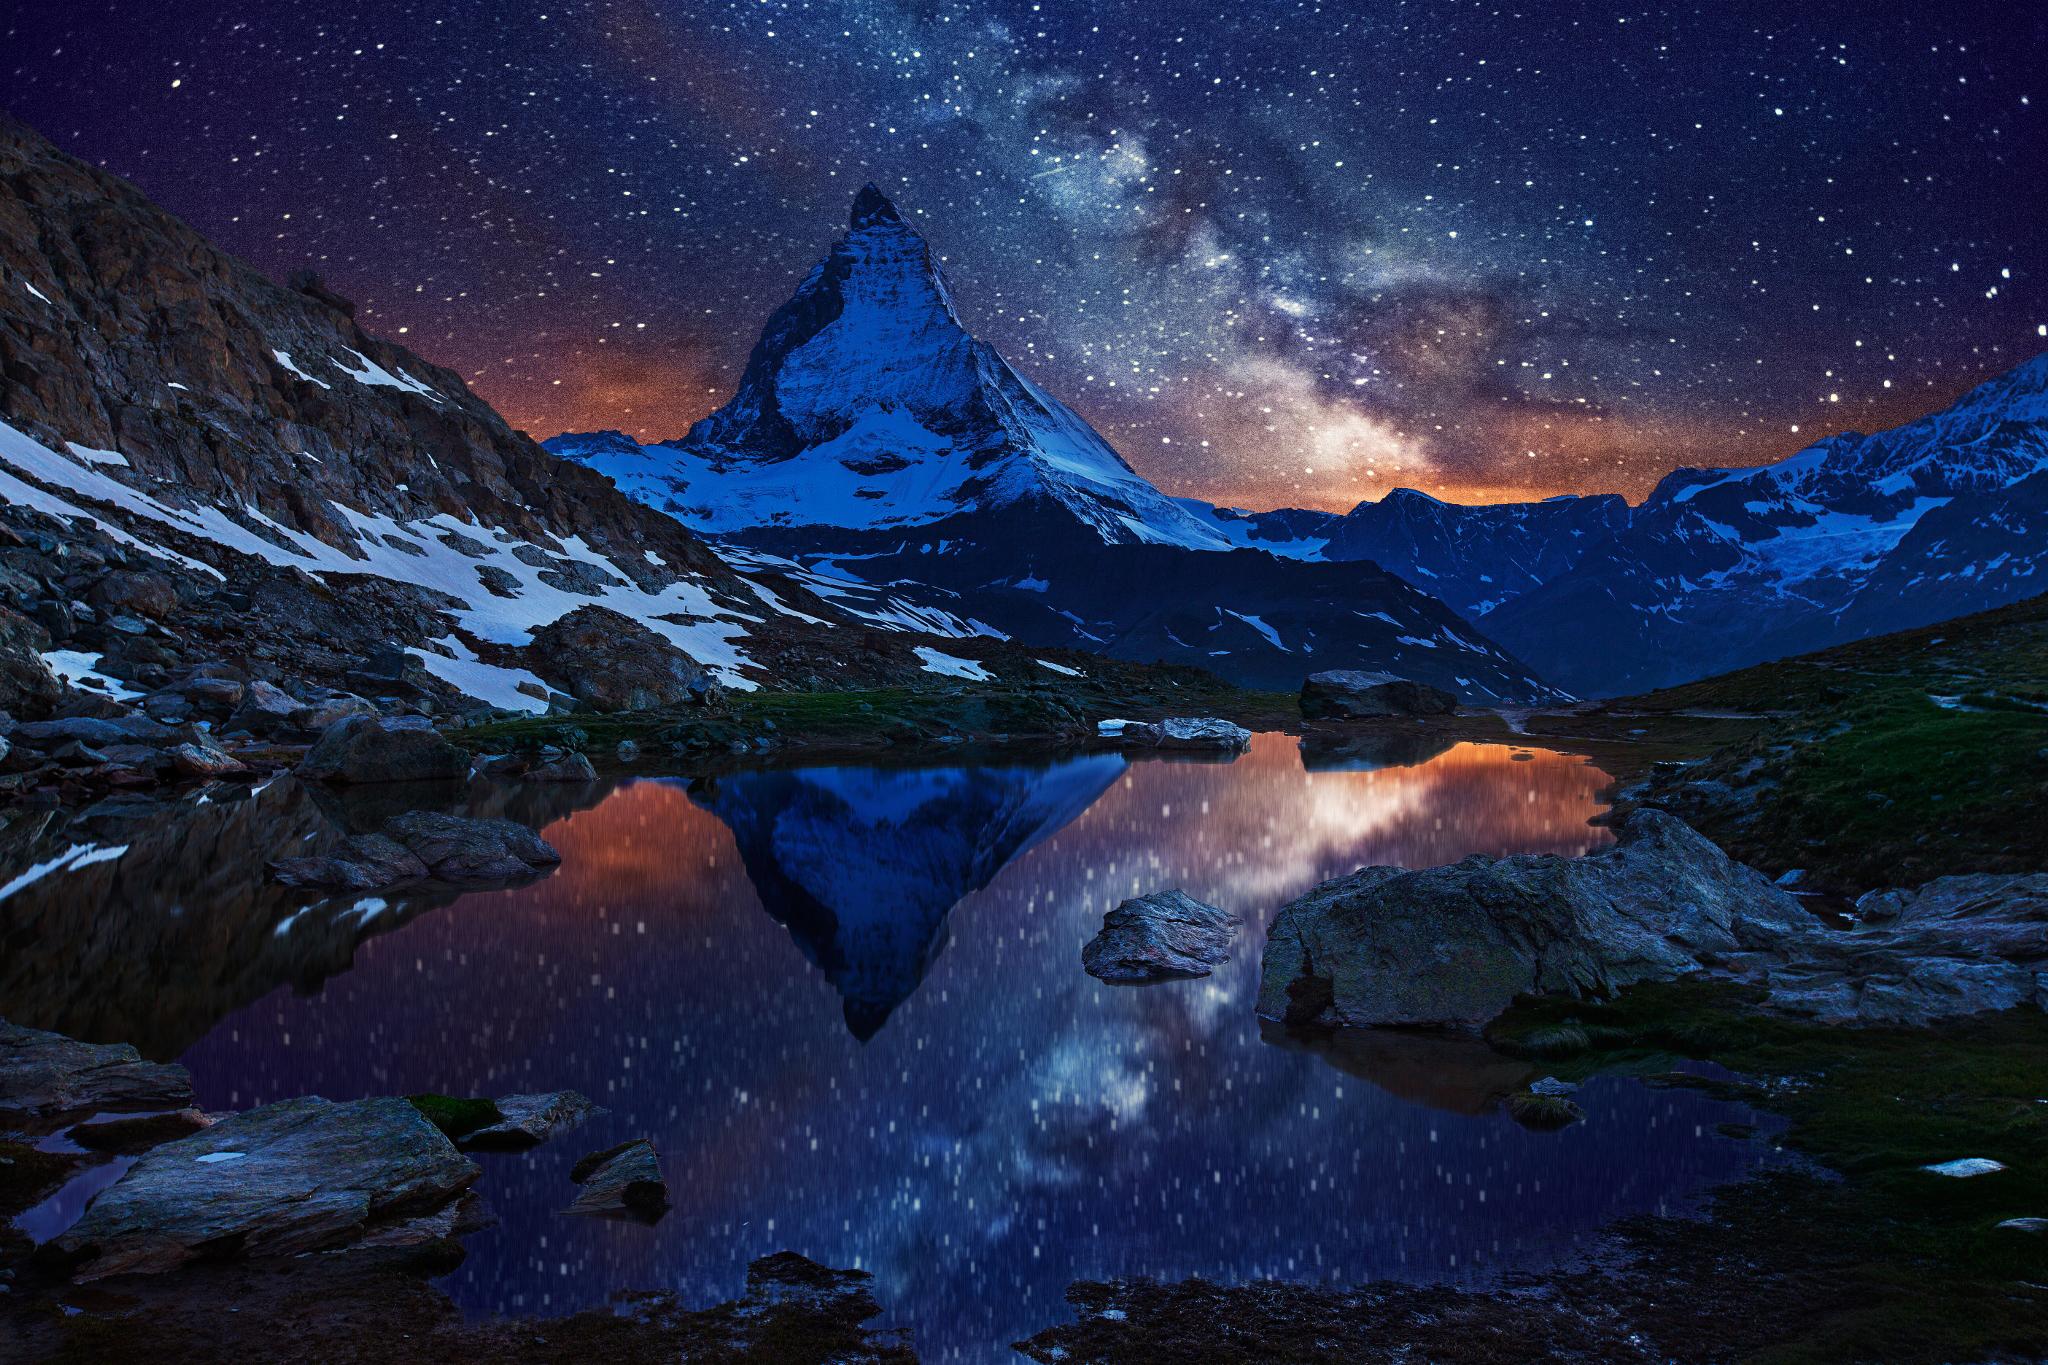 природа космос горы скалы небо звезды ночь  № 851788 загрузить